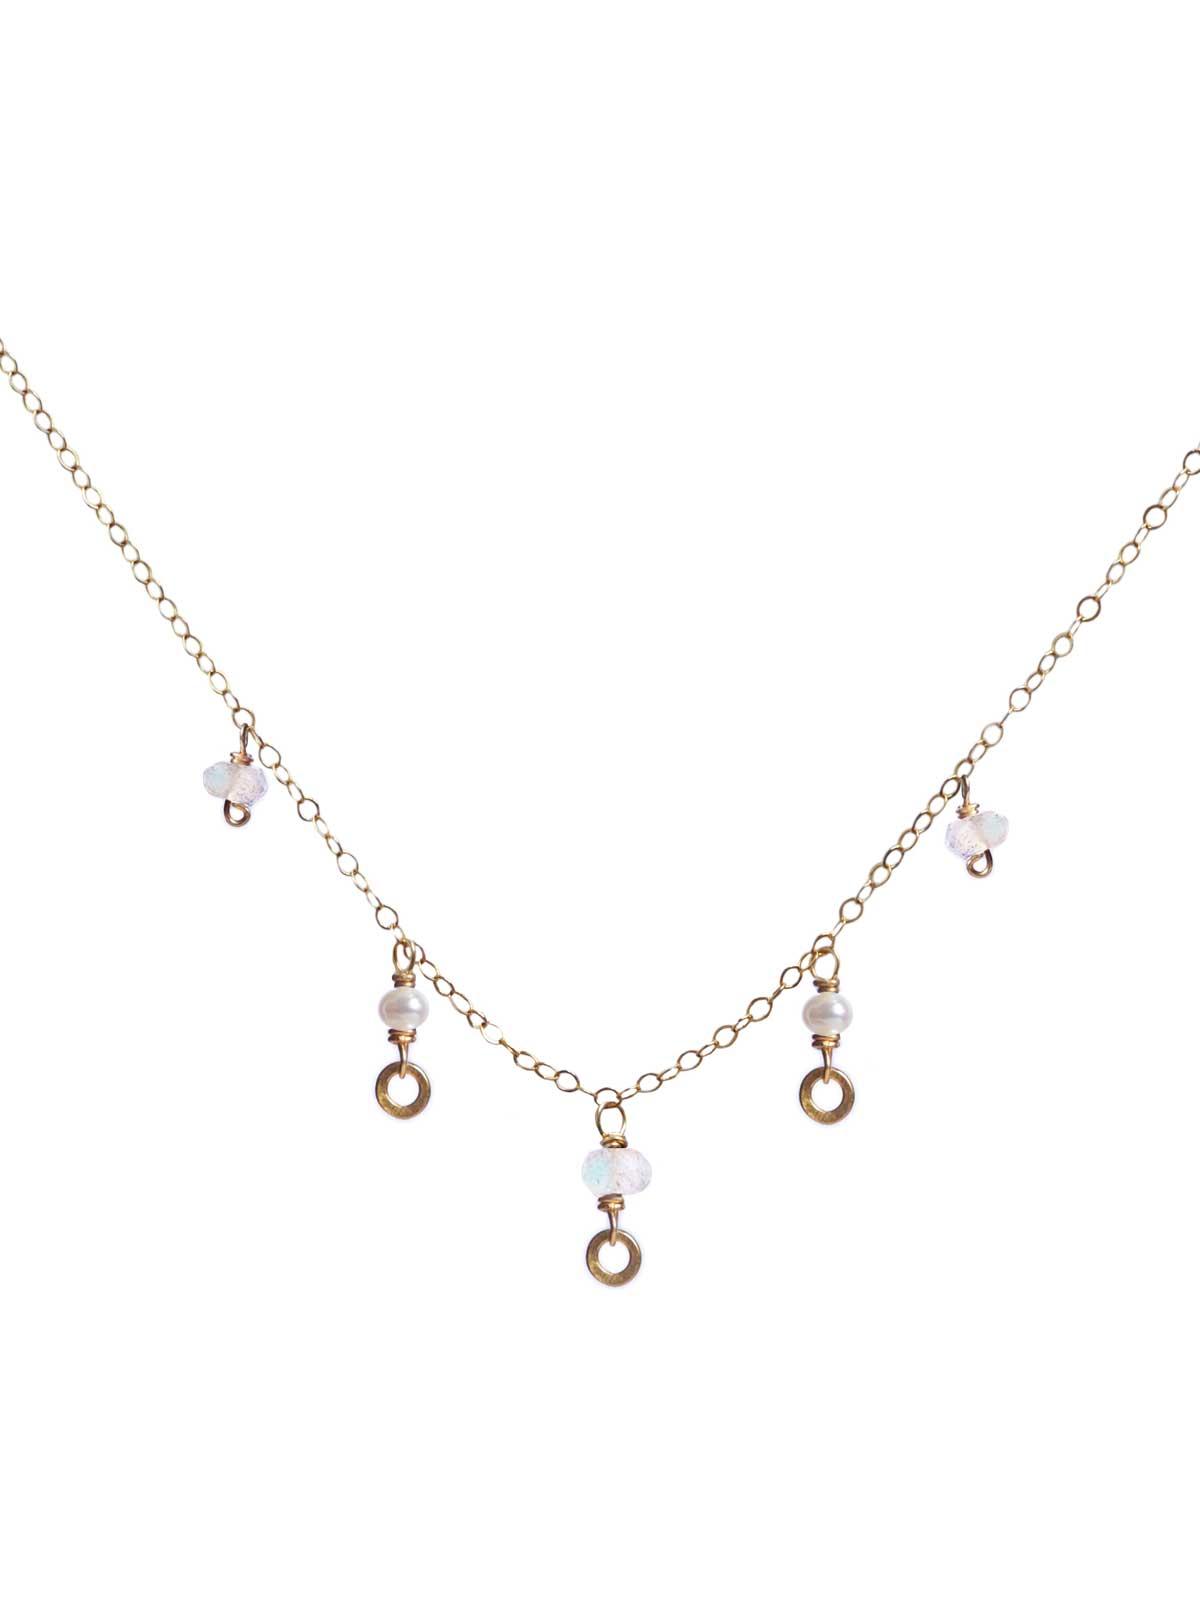 Collier chaîne en Or 14 Carats Gold-filled Perle blanche Pierres de Lune facettées